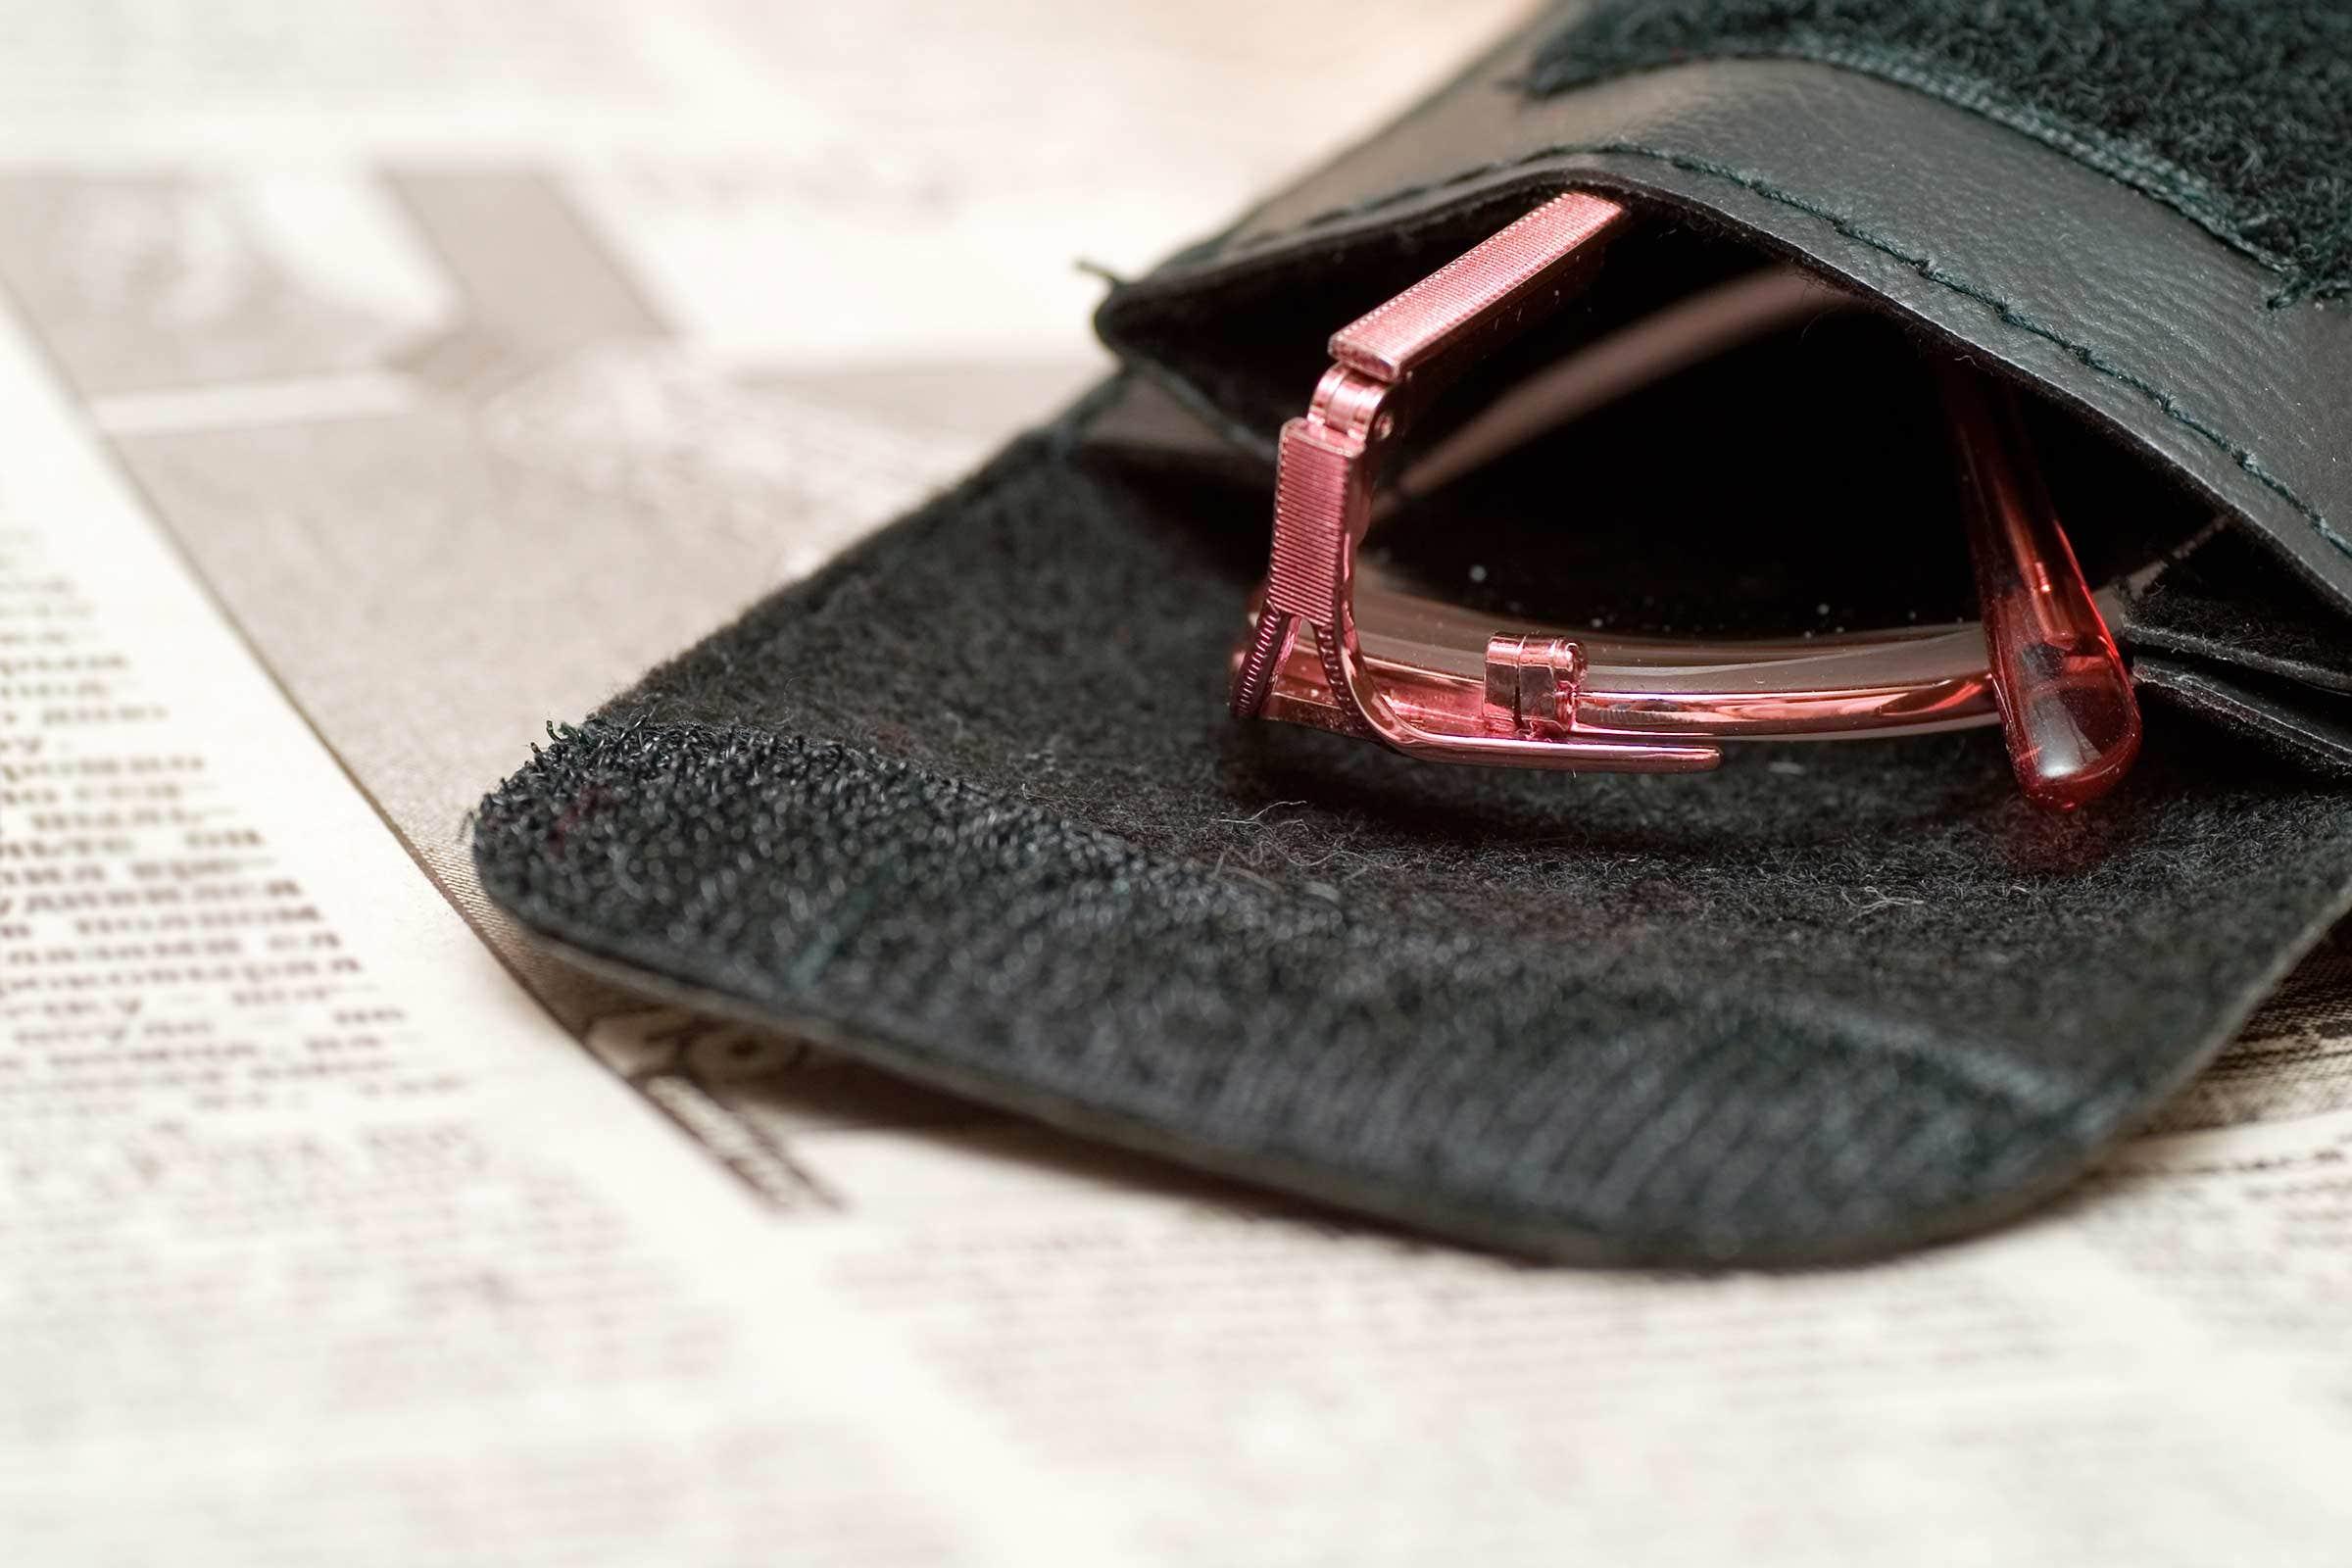 keep eyeglasses in cases